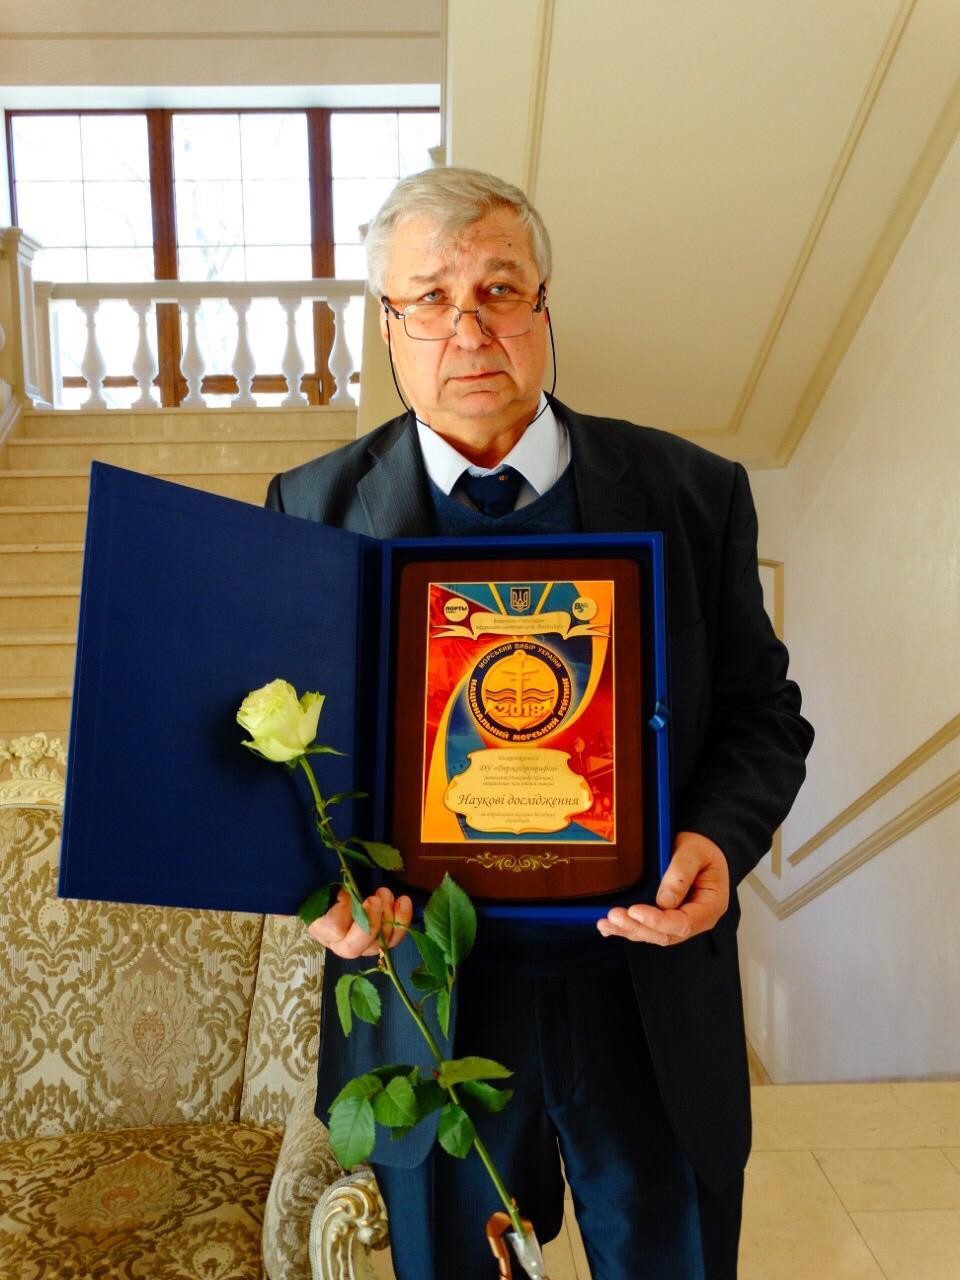 Держгідрографія отримала спеціальну нагороду за відновлення науково-дослідних експедицій